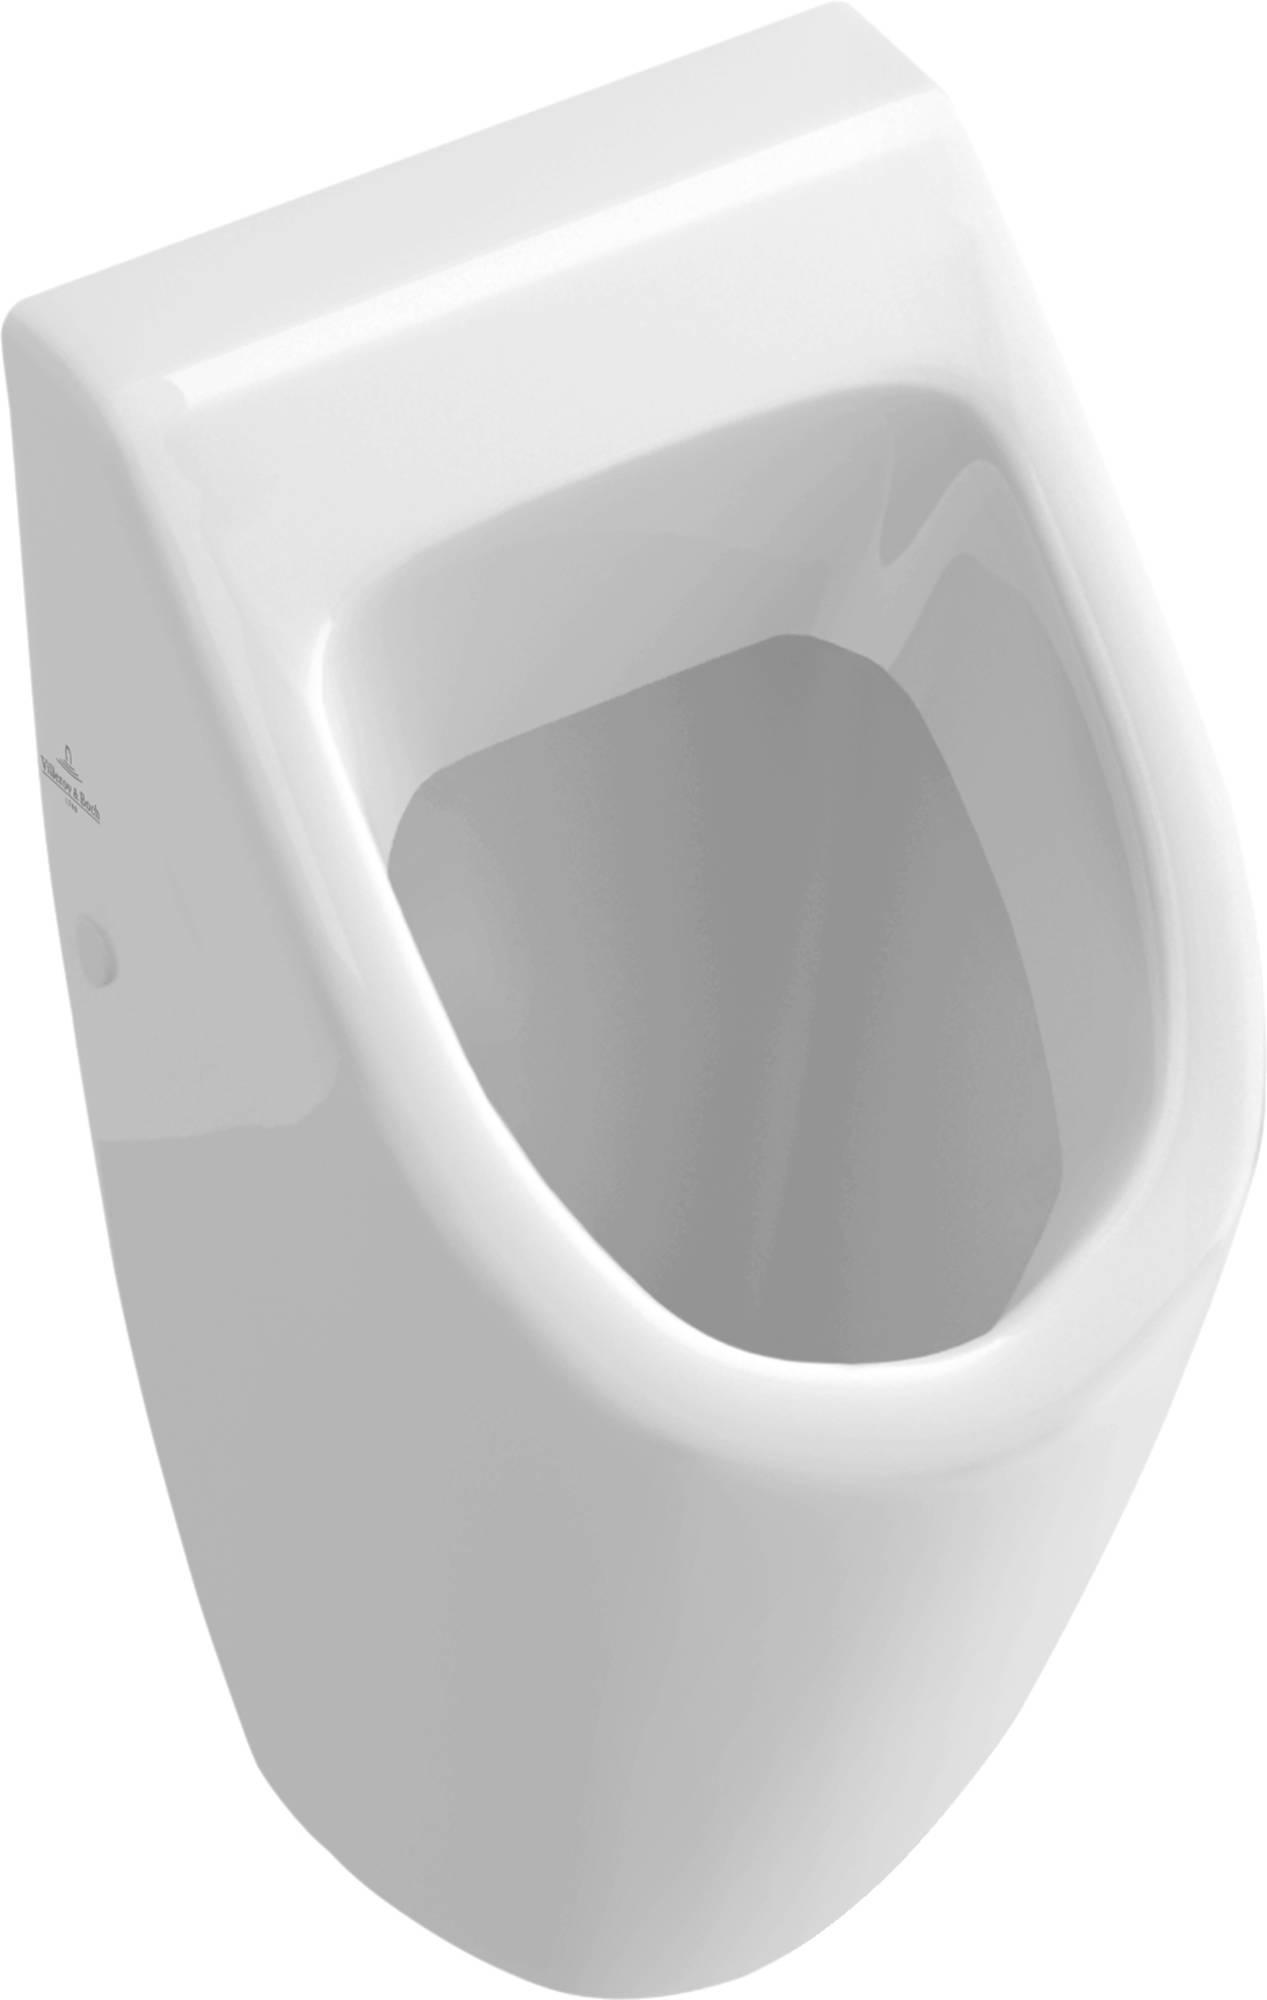 Villeroy & Boch Subway Urinoir voor deksel Wit